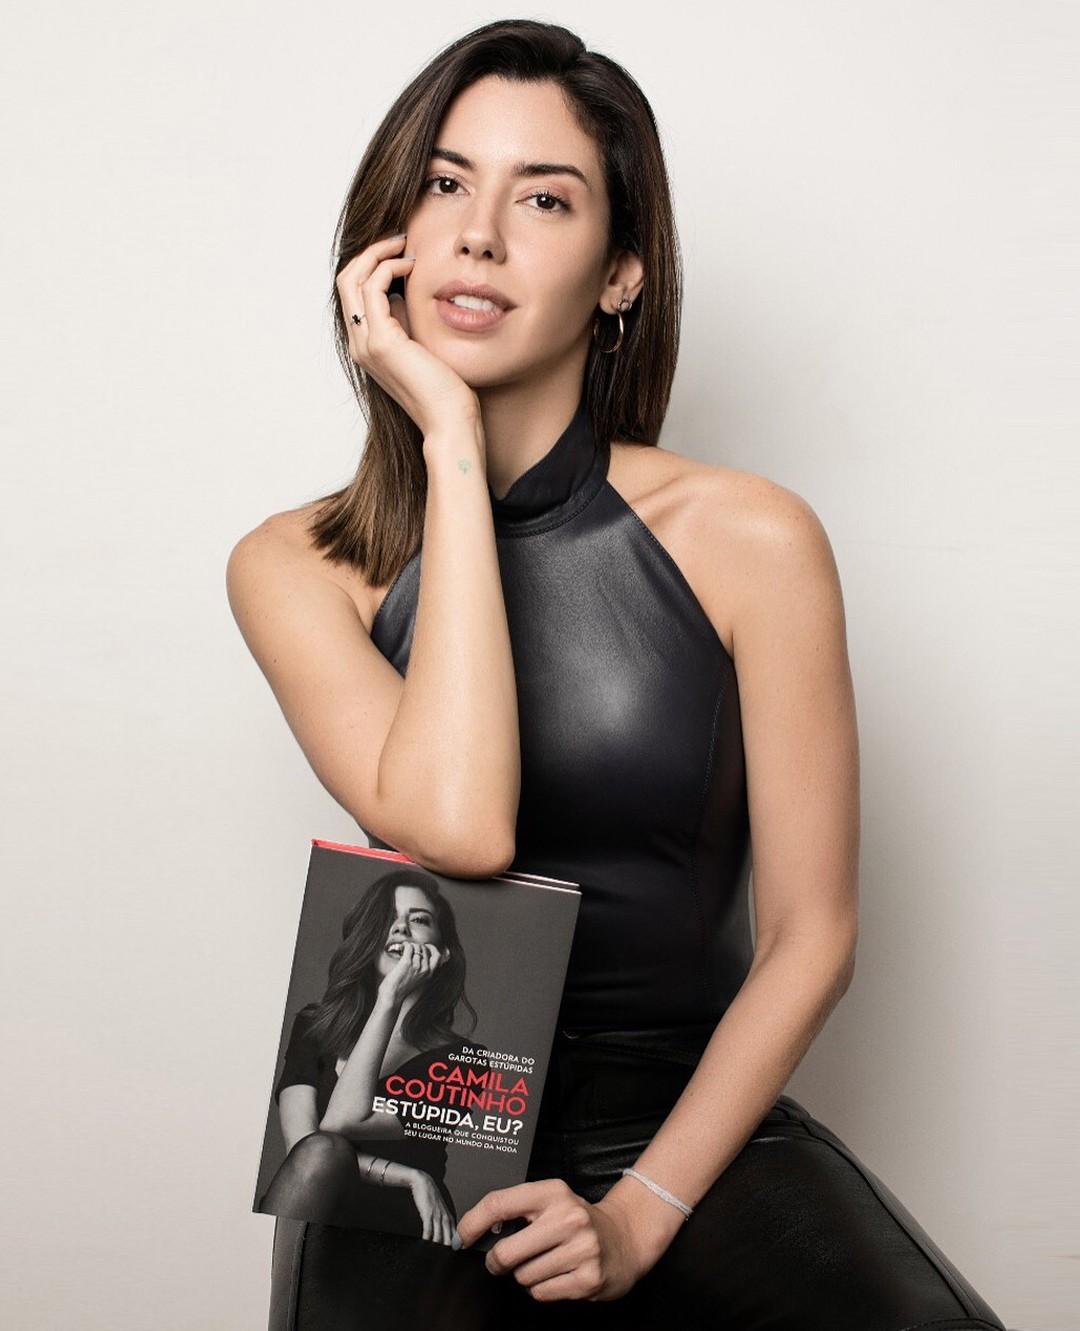 A blogueira Camila Coutinho estará na 27ª  Bienal do Livro de São Paulo (Foto: Reprodução / Instagram)